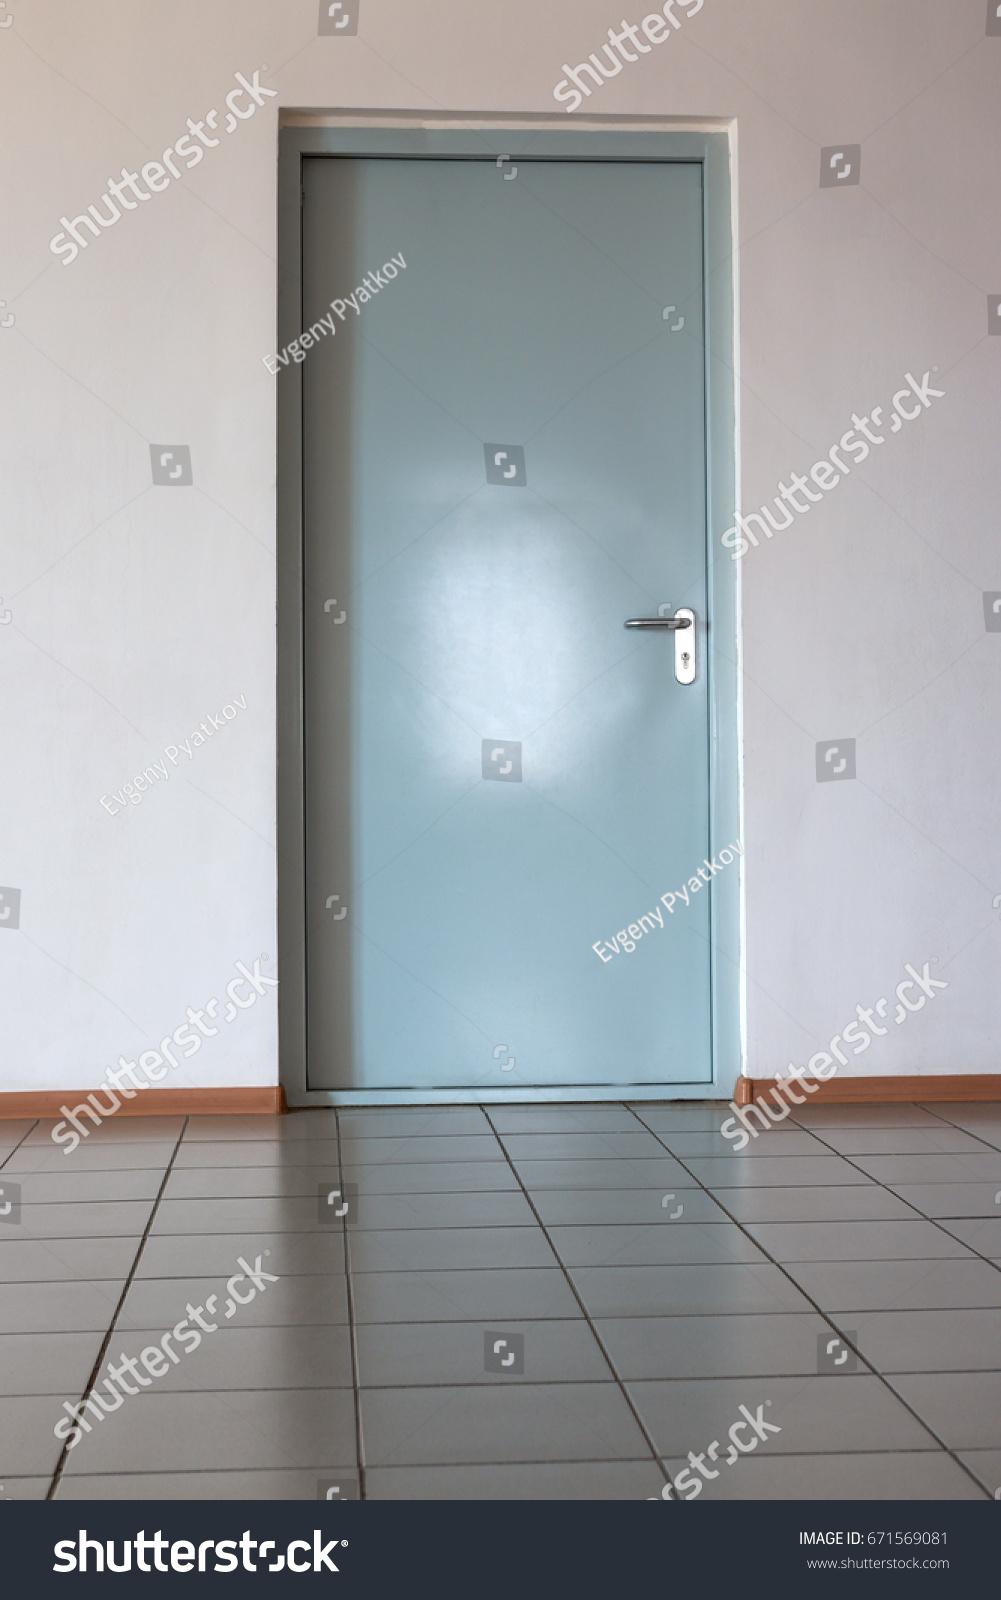 Door on the wall in an office room tiled floor | EZ Canvas